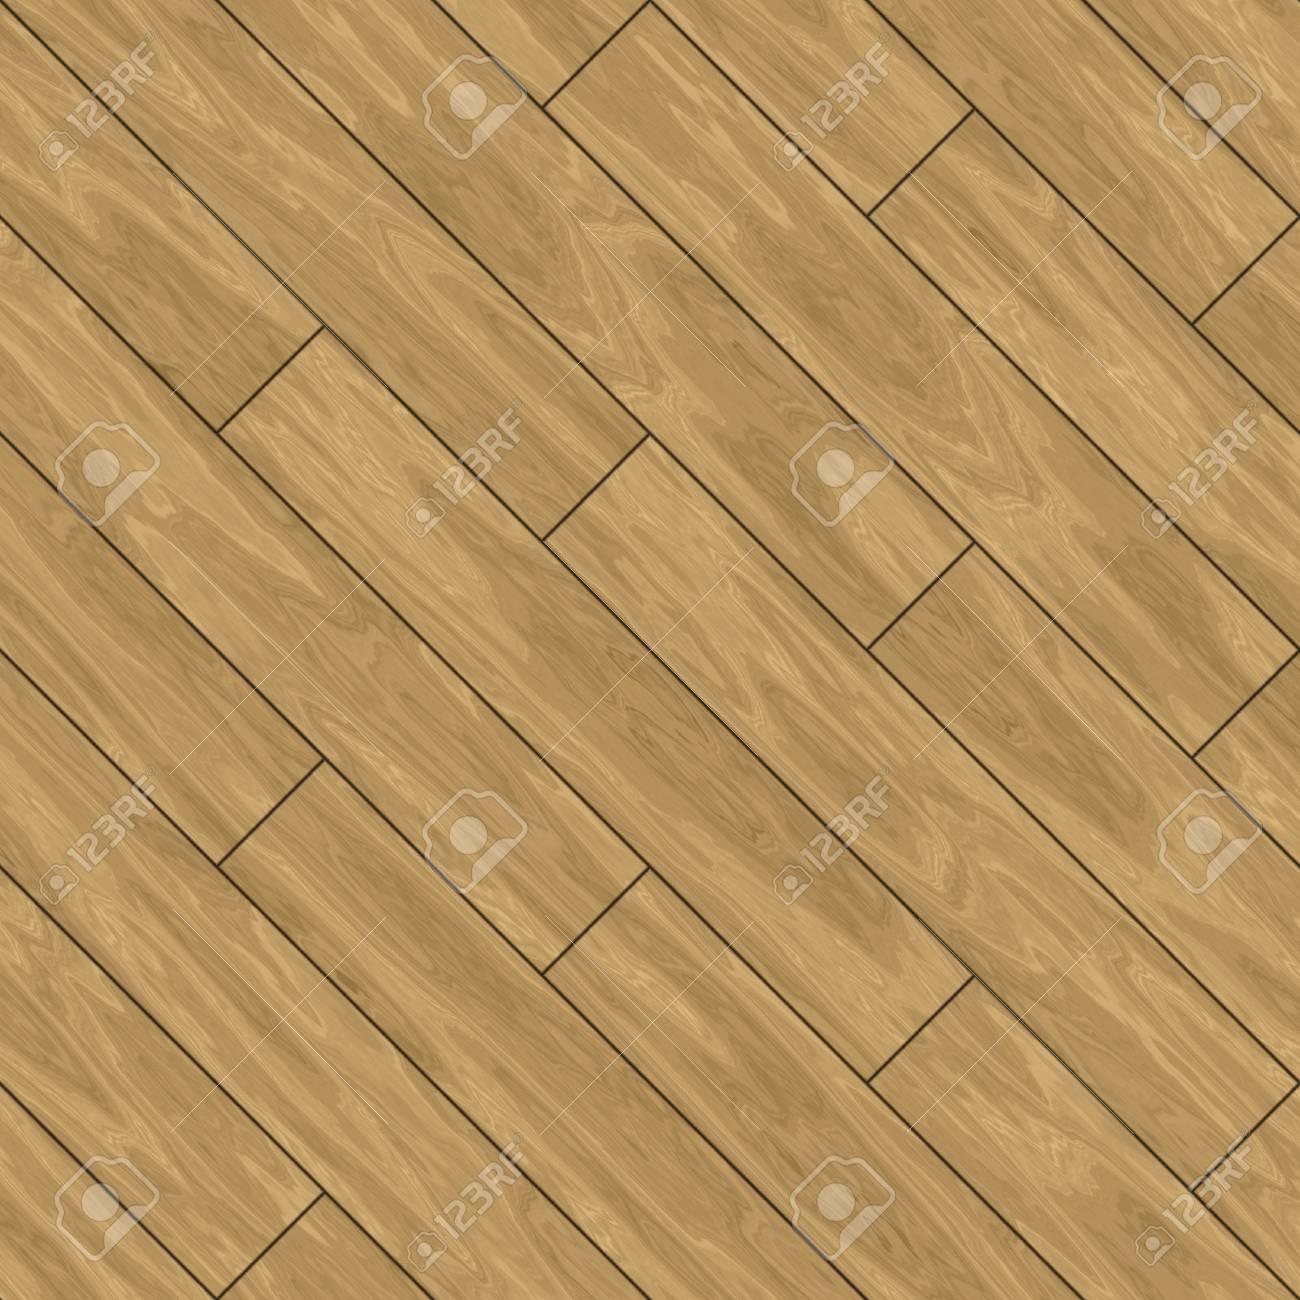 parquet floor Stock Photo - 11955772